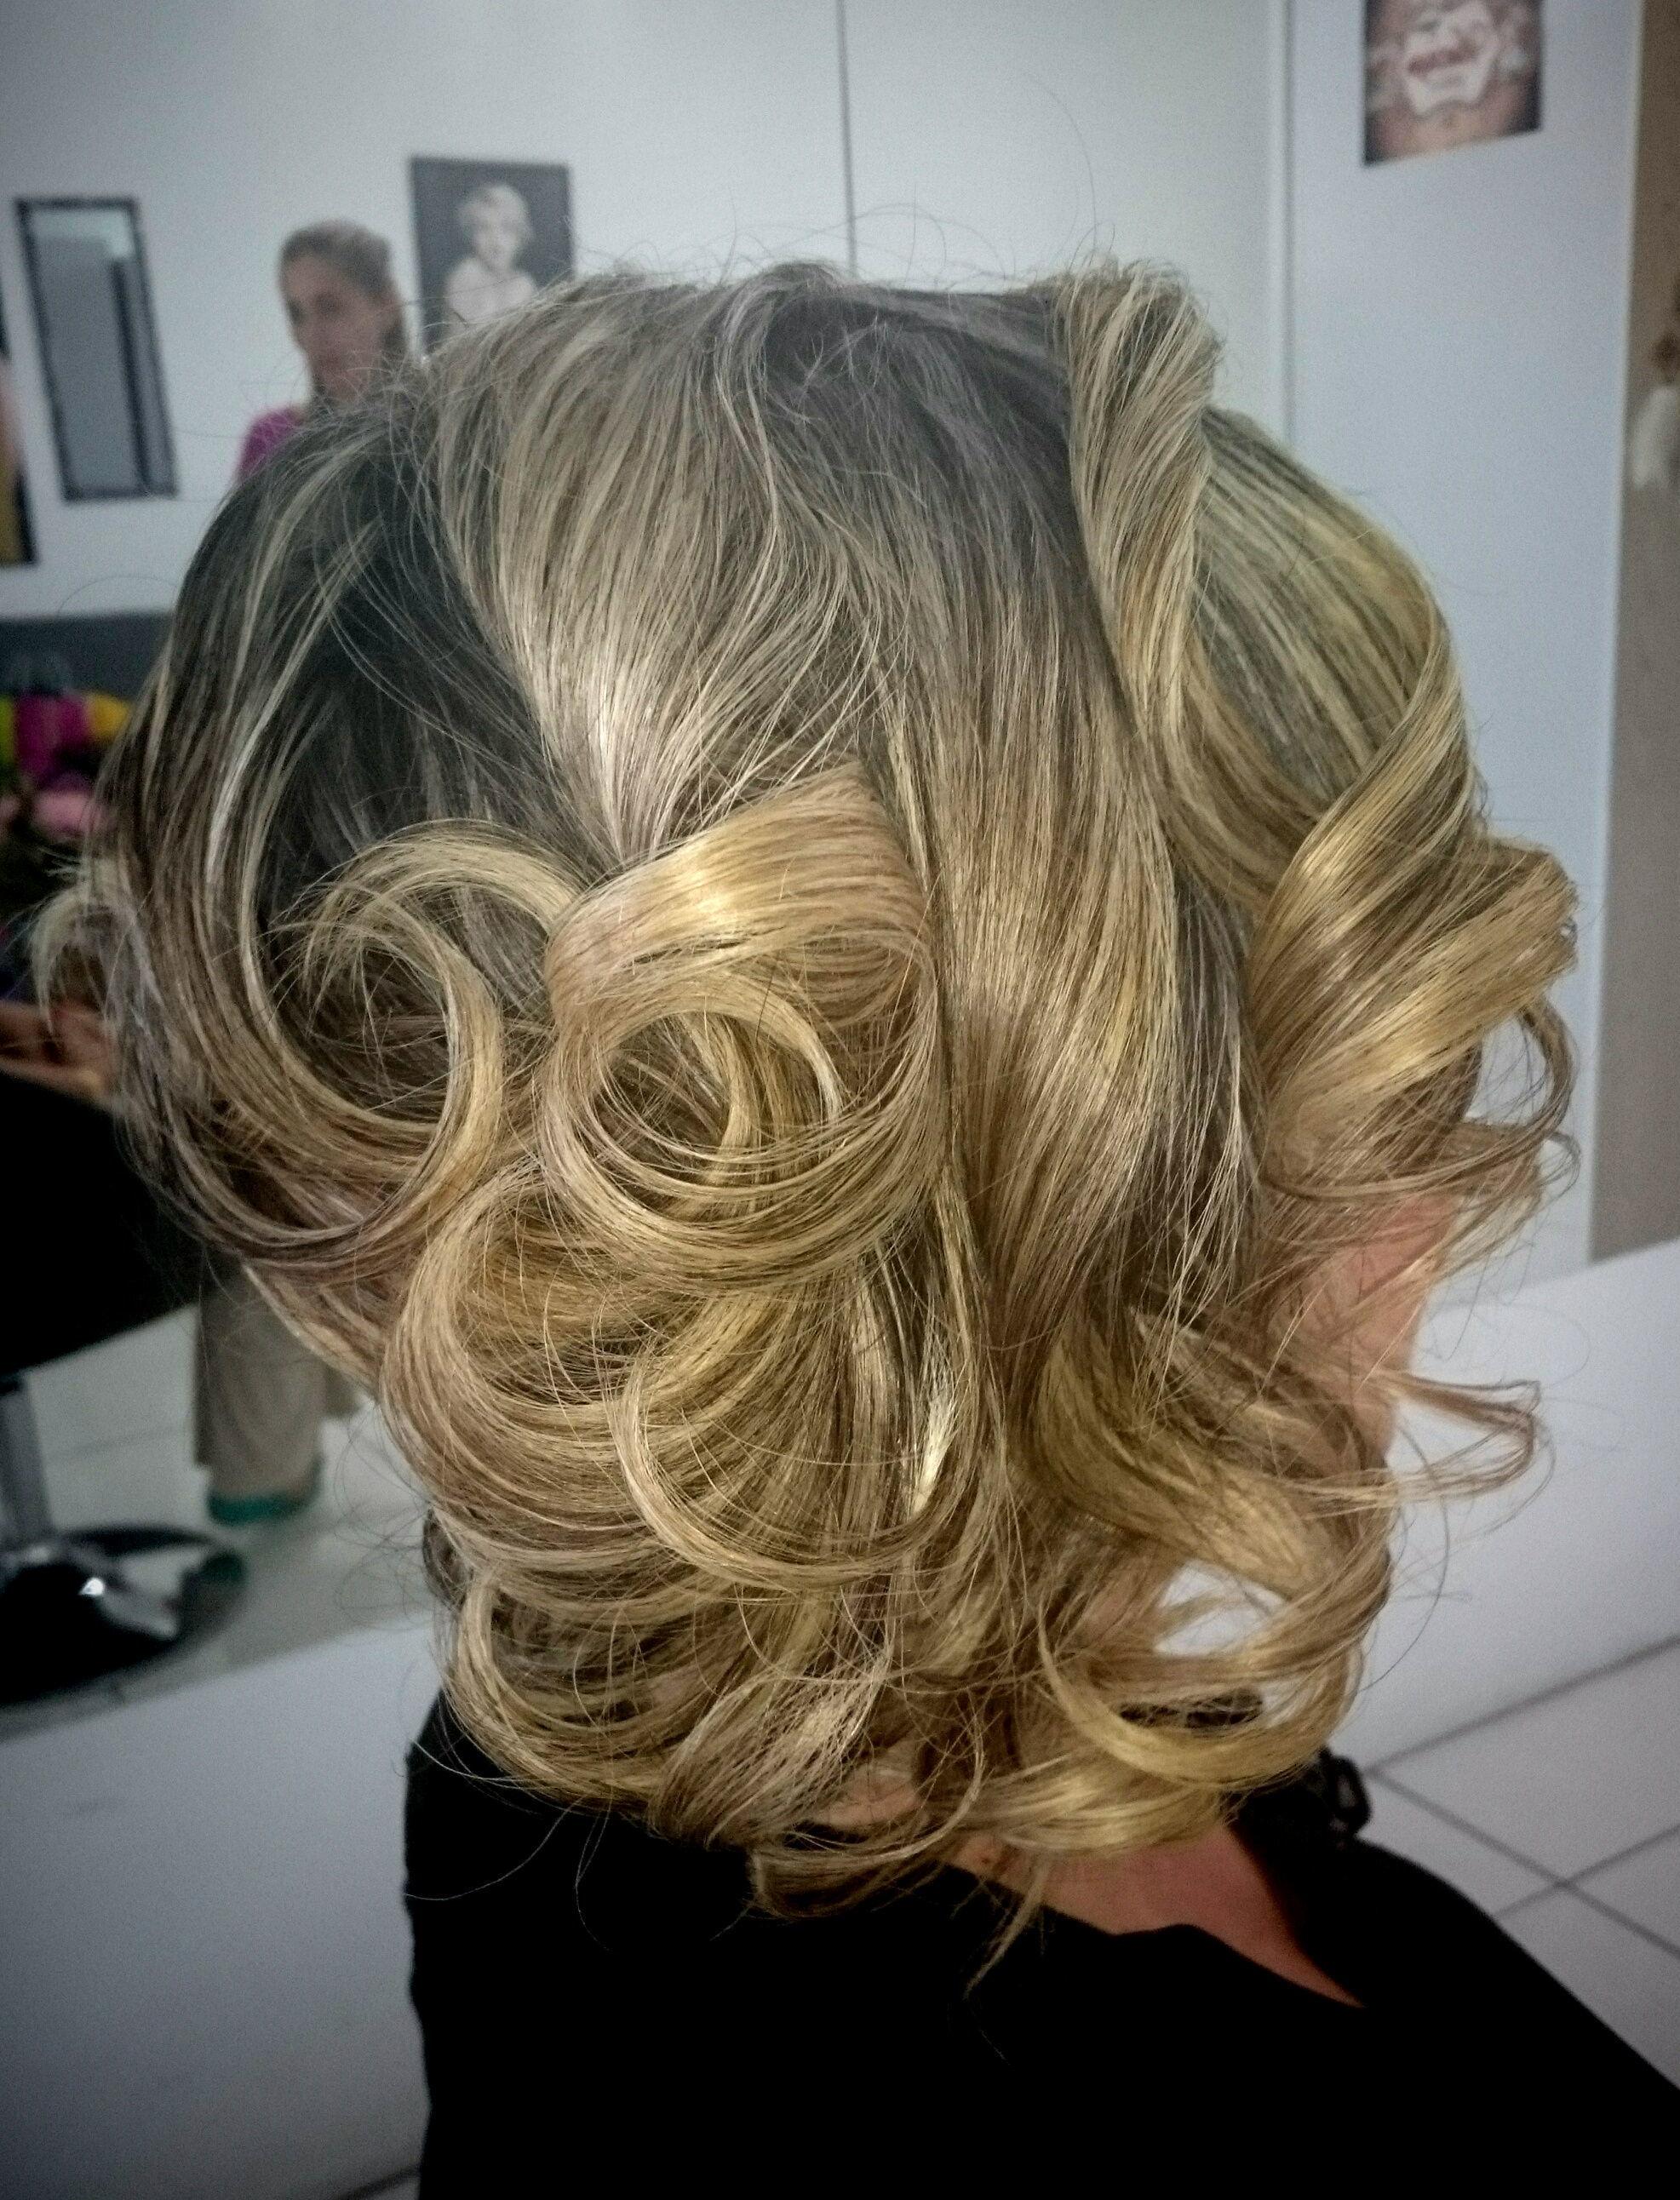 cabelo cabeleireiro(a) empresário(a) / dono de negócio manicure e pedicure maquiador(a) revendedor(a)